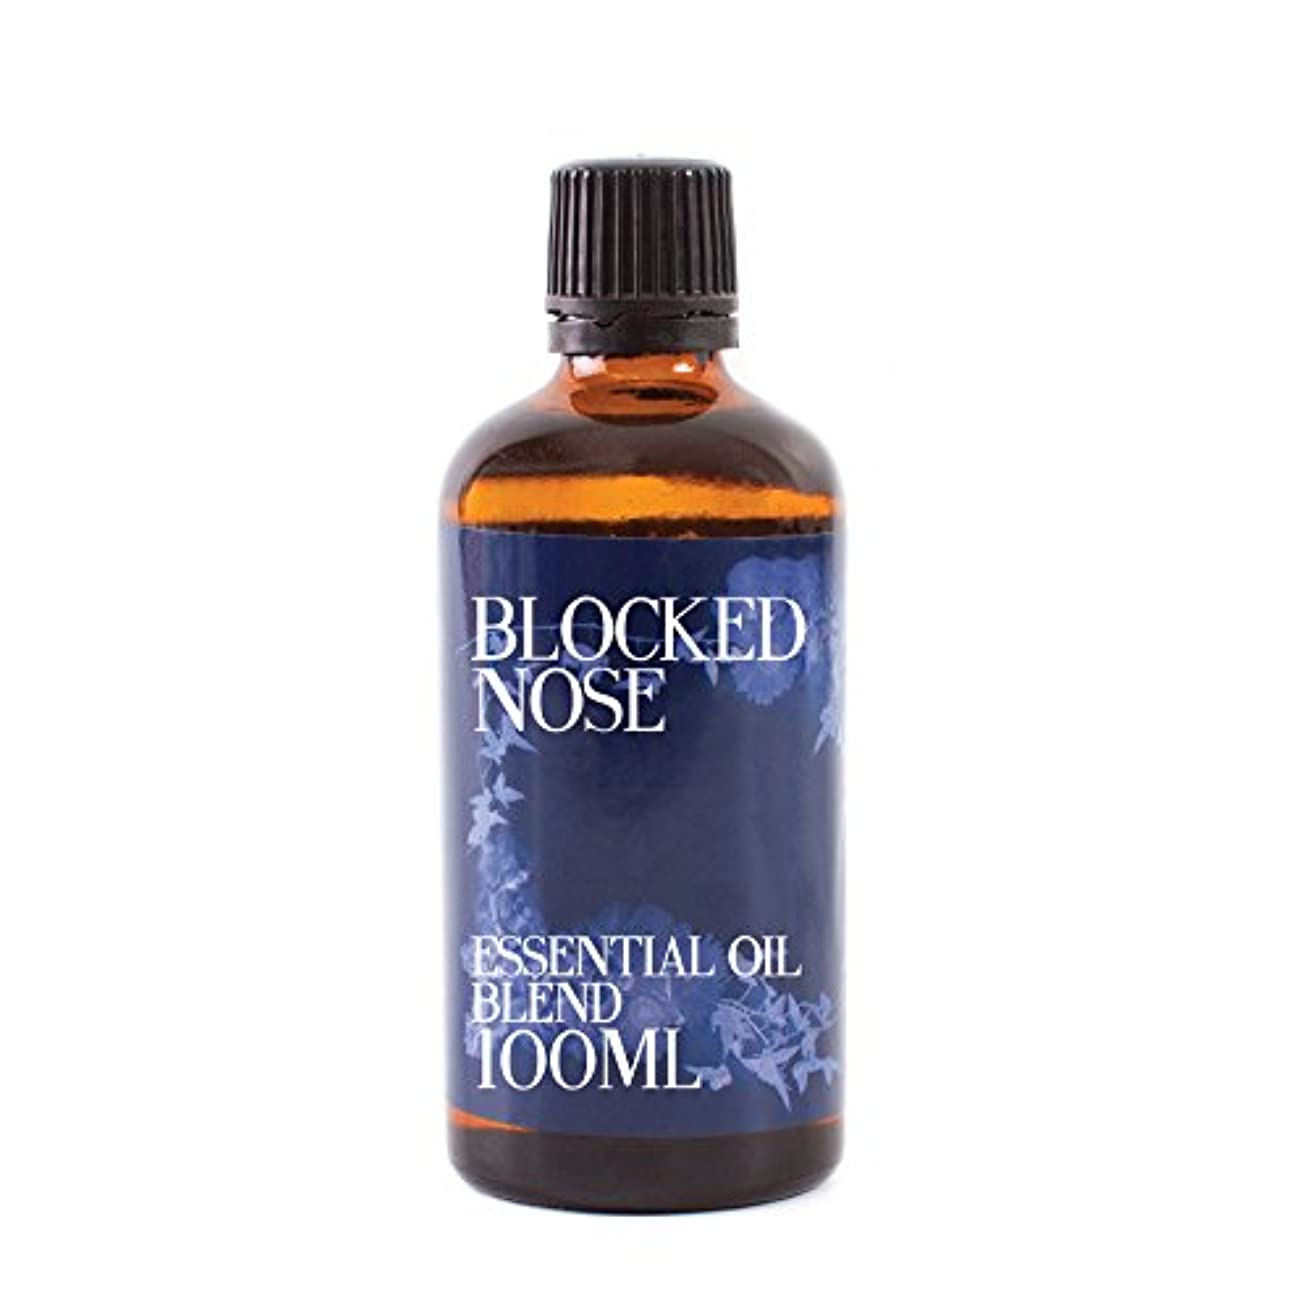 良心祝福スーツケースMystic Moments | Blocked Nose Essential Oil Blend - 100ml - 100% Pure